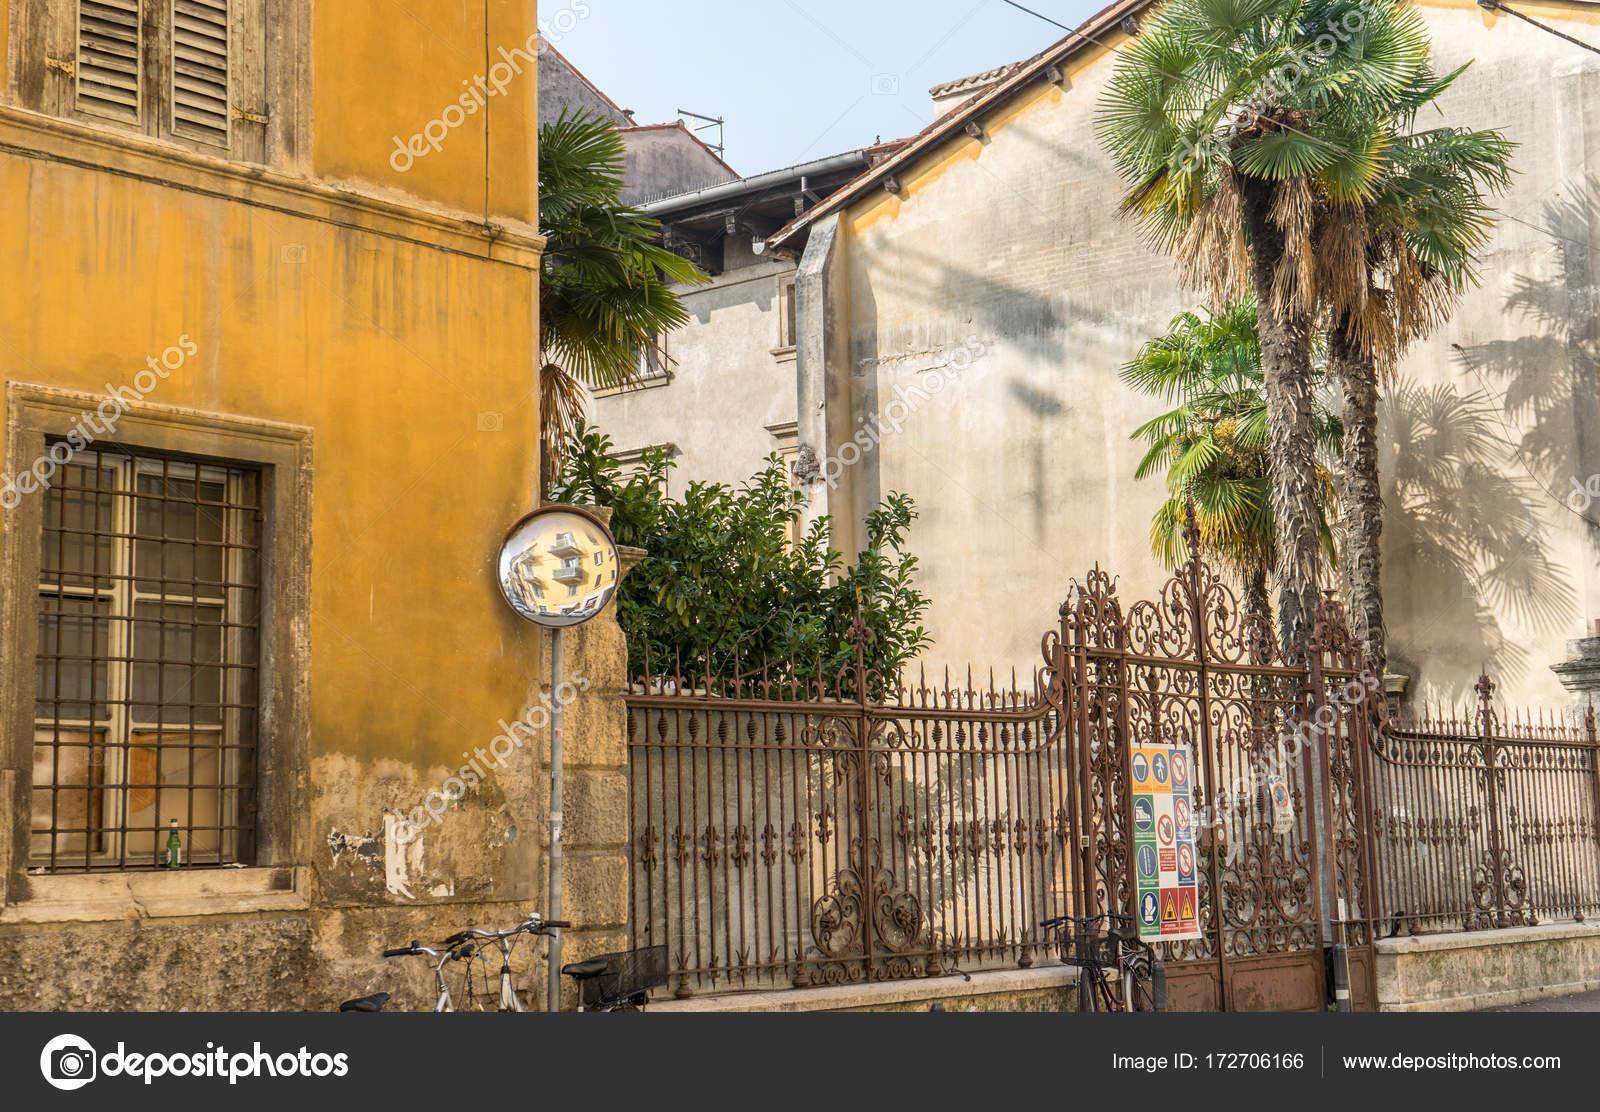 Fachadas Mediterraneas Antiguas Casas Verona Con Metal Valla - Fachadas-antiguas-de-casas